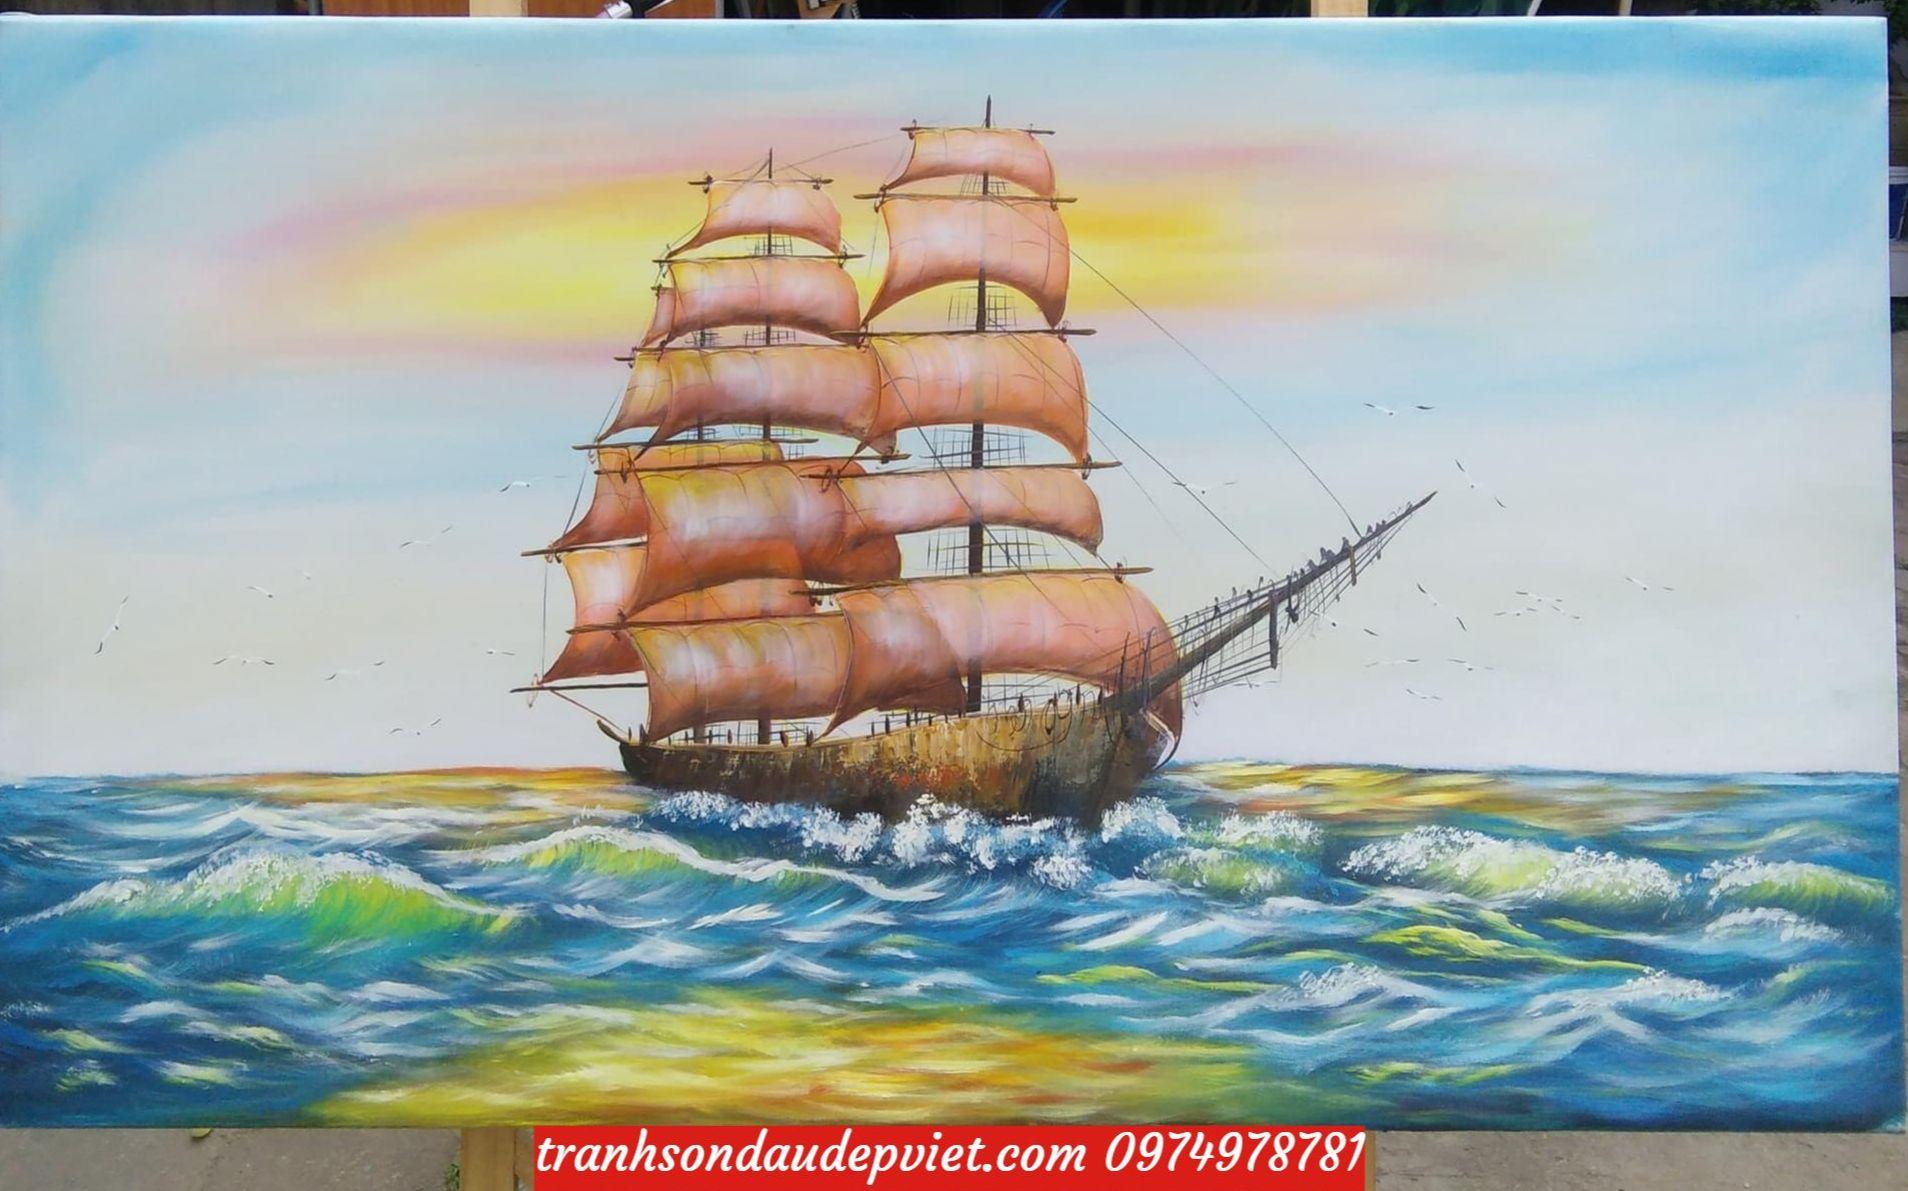 Tranh thuận buồm xuôi gió, tranh vẽ sơn dầu ý nghĩa